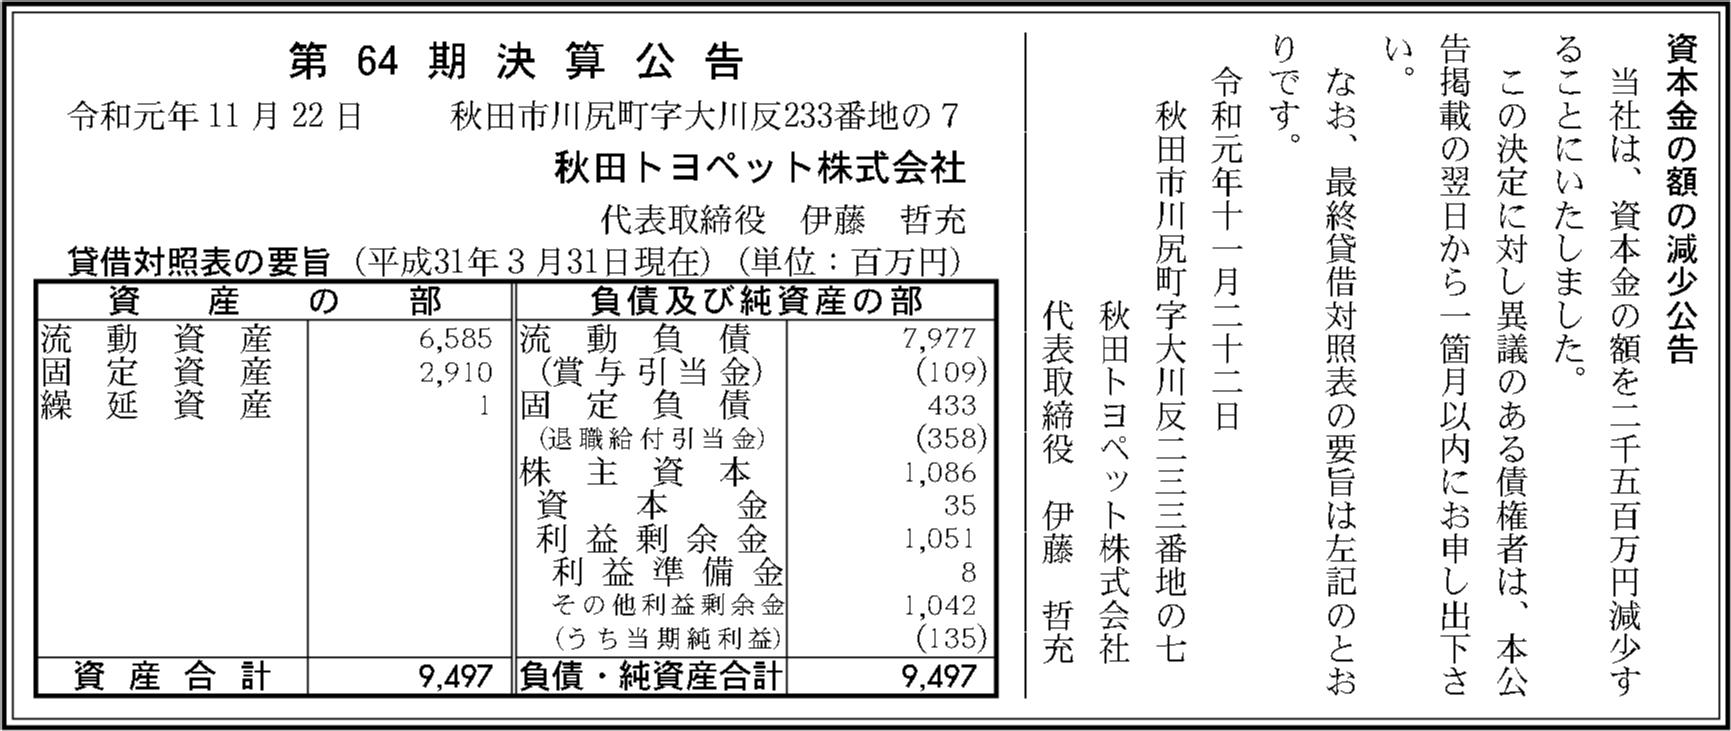 0154 350334b238e85478e3decc67ef41edadf099e0561981931e5b1212dcc372517ed775ff6657305450acb690c75466a29dd524b54f40887a291c3f3994ab43788b 02